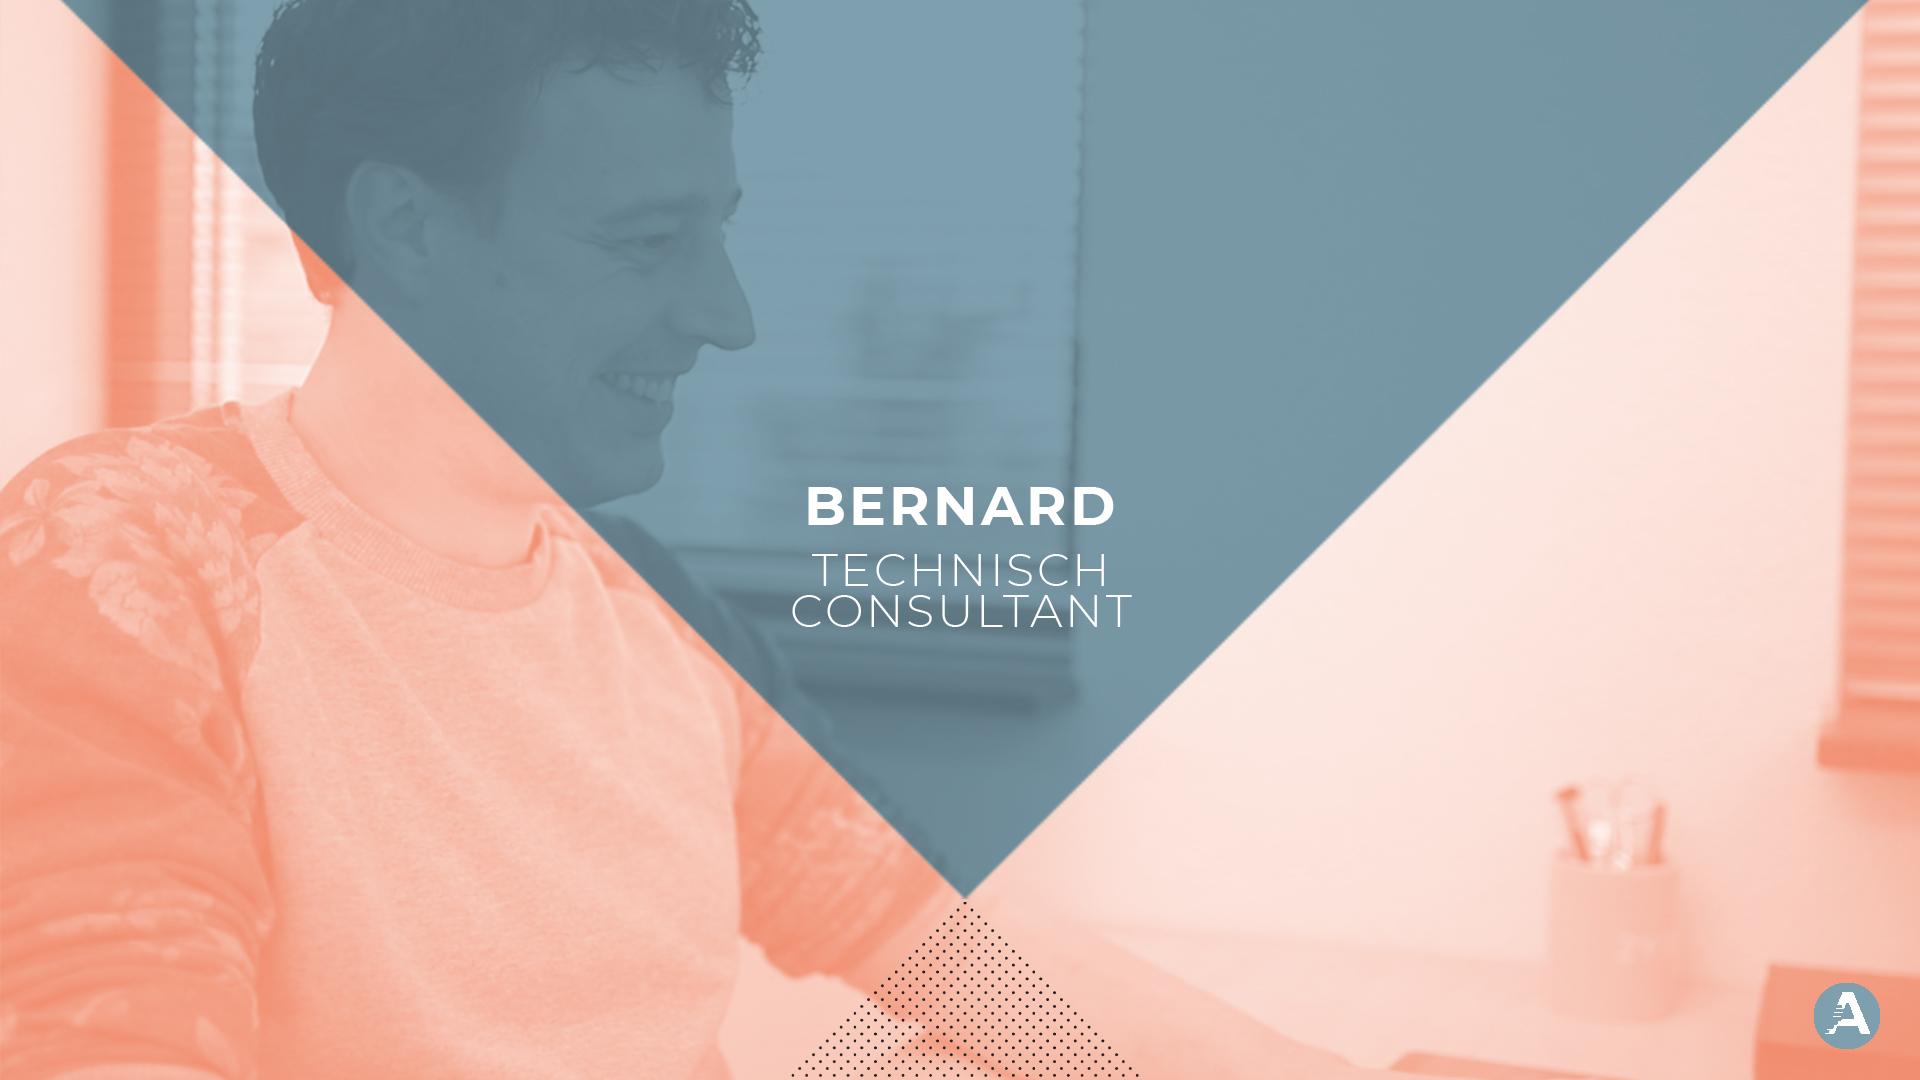 Video: Bernard zorgt dat IT niet tegen, maar vóór je werkt